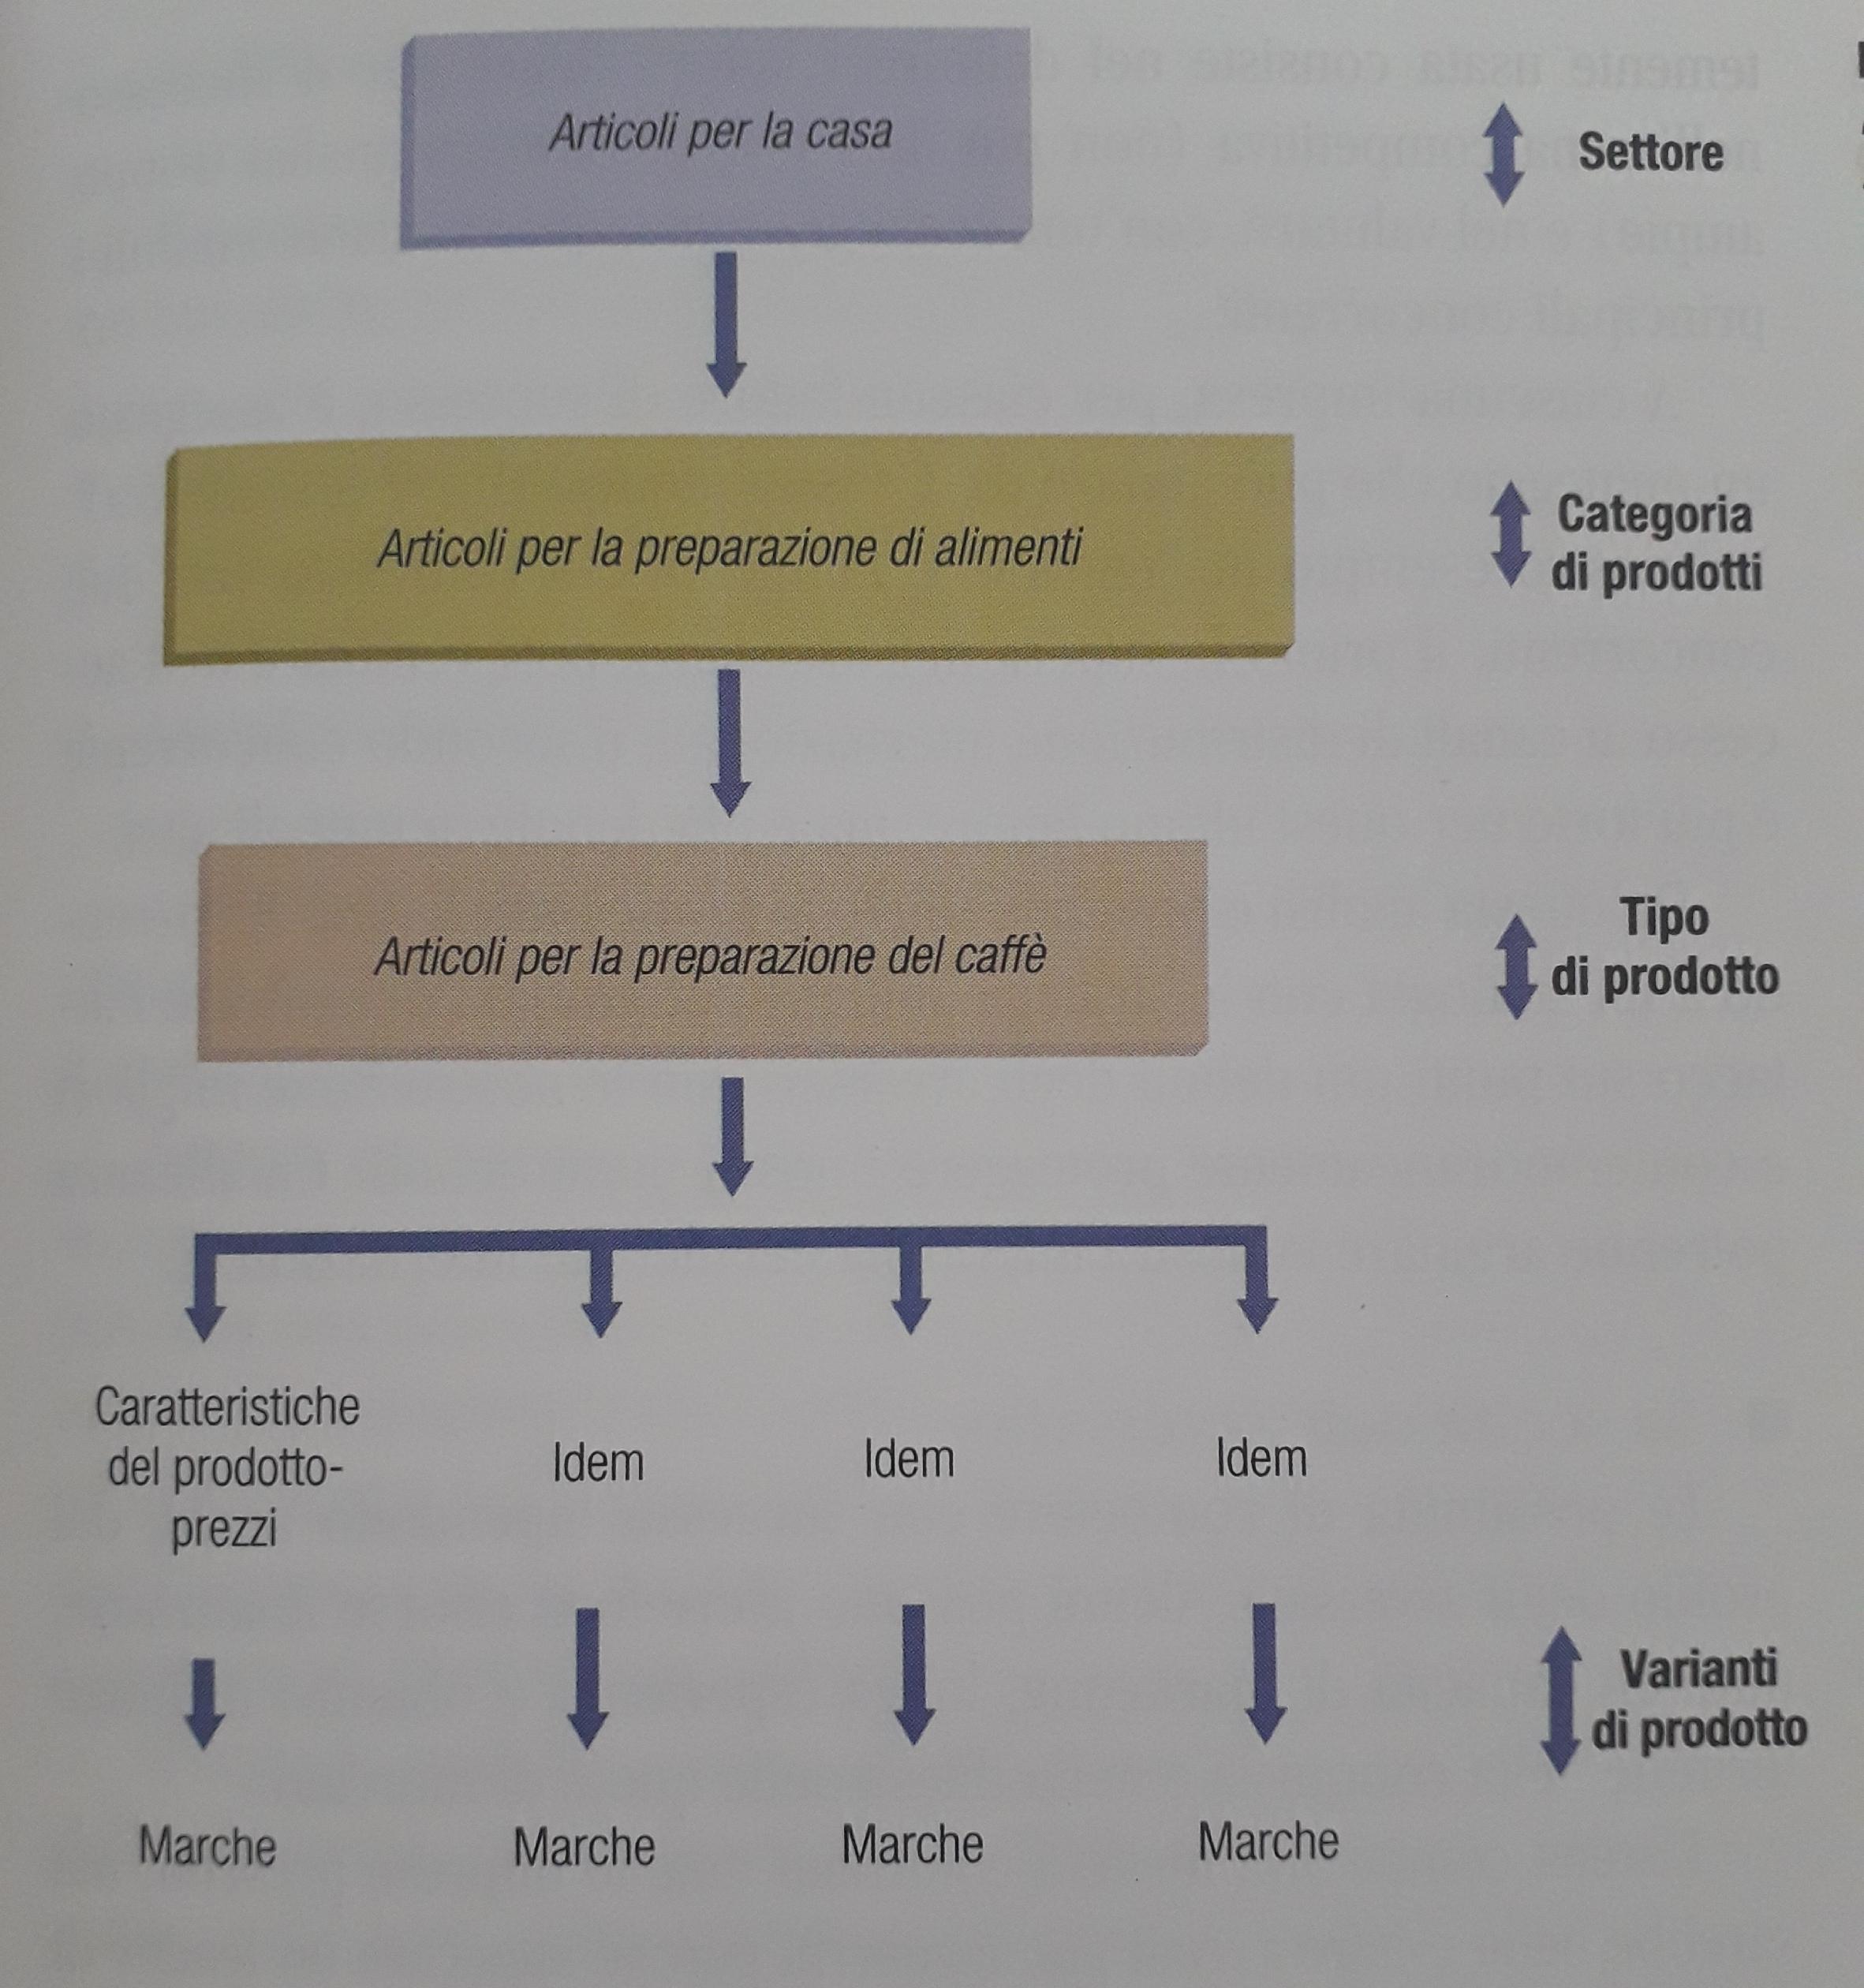 La mappatura del settore può anche essere verticale, scendendo dal settore fino ale varianti di prodotto